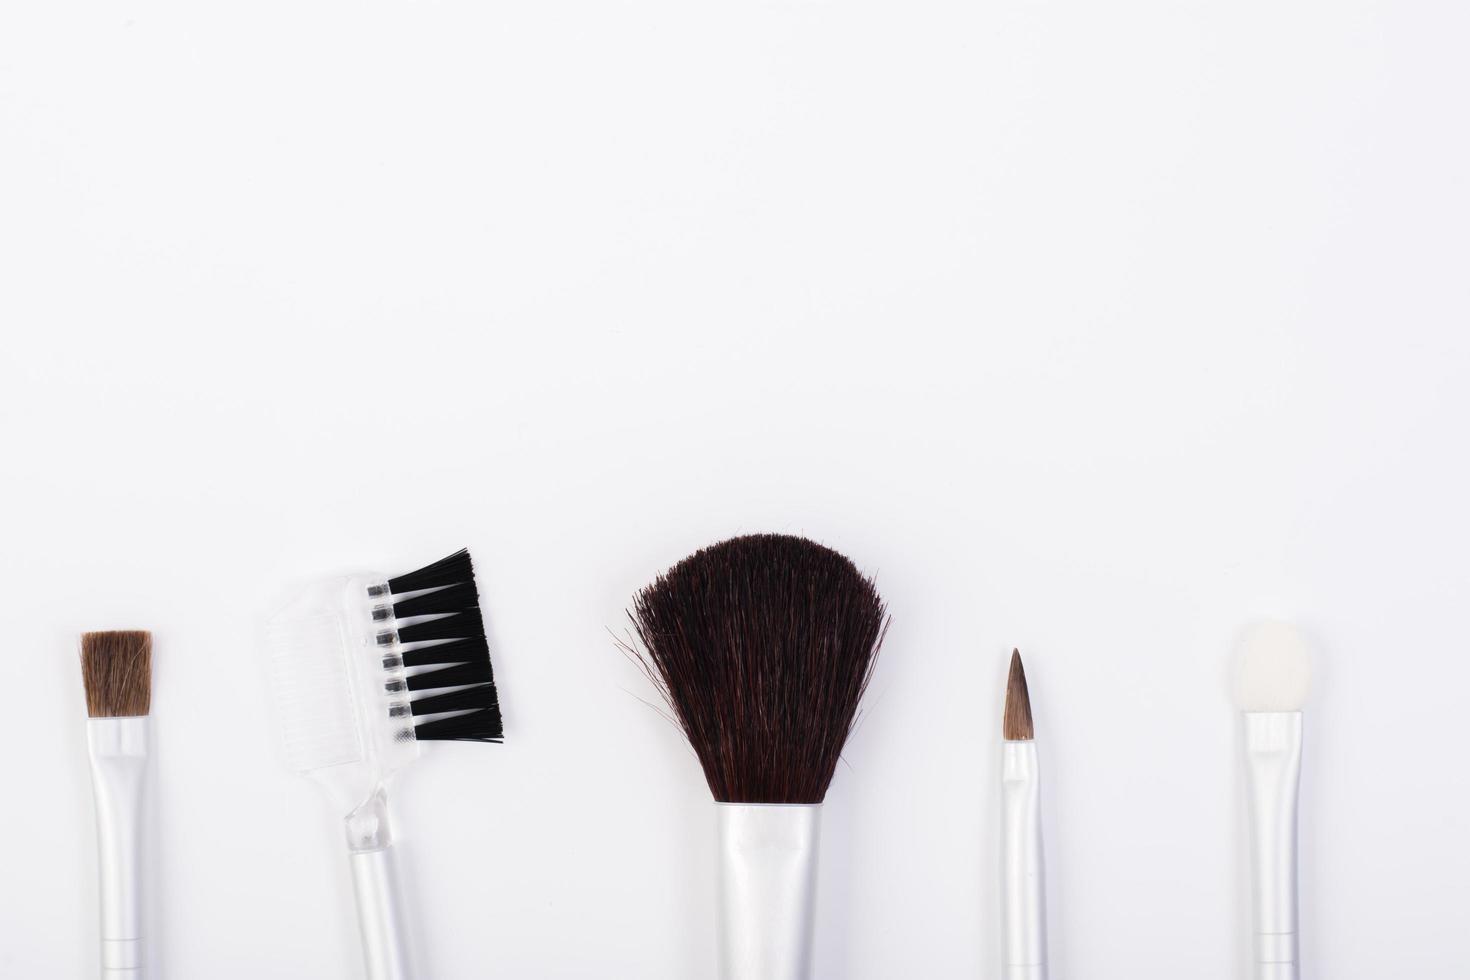 pinceaux de maquillage isolés sur fond blanc photo